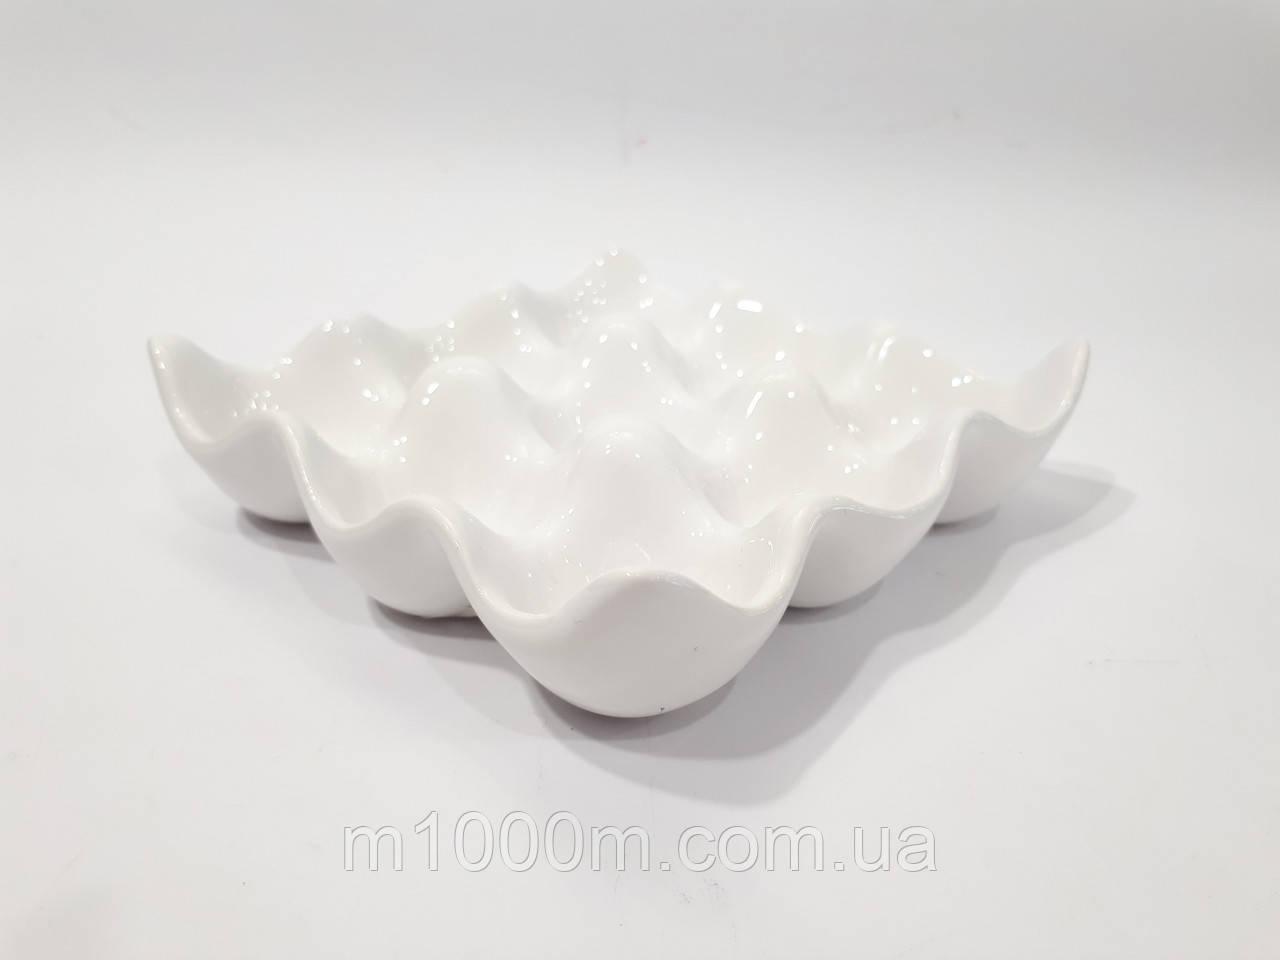 Подставка для яиц керамическая на 9 яиц